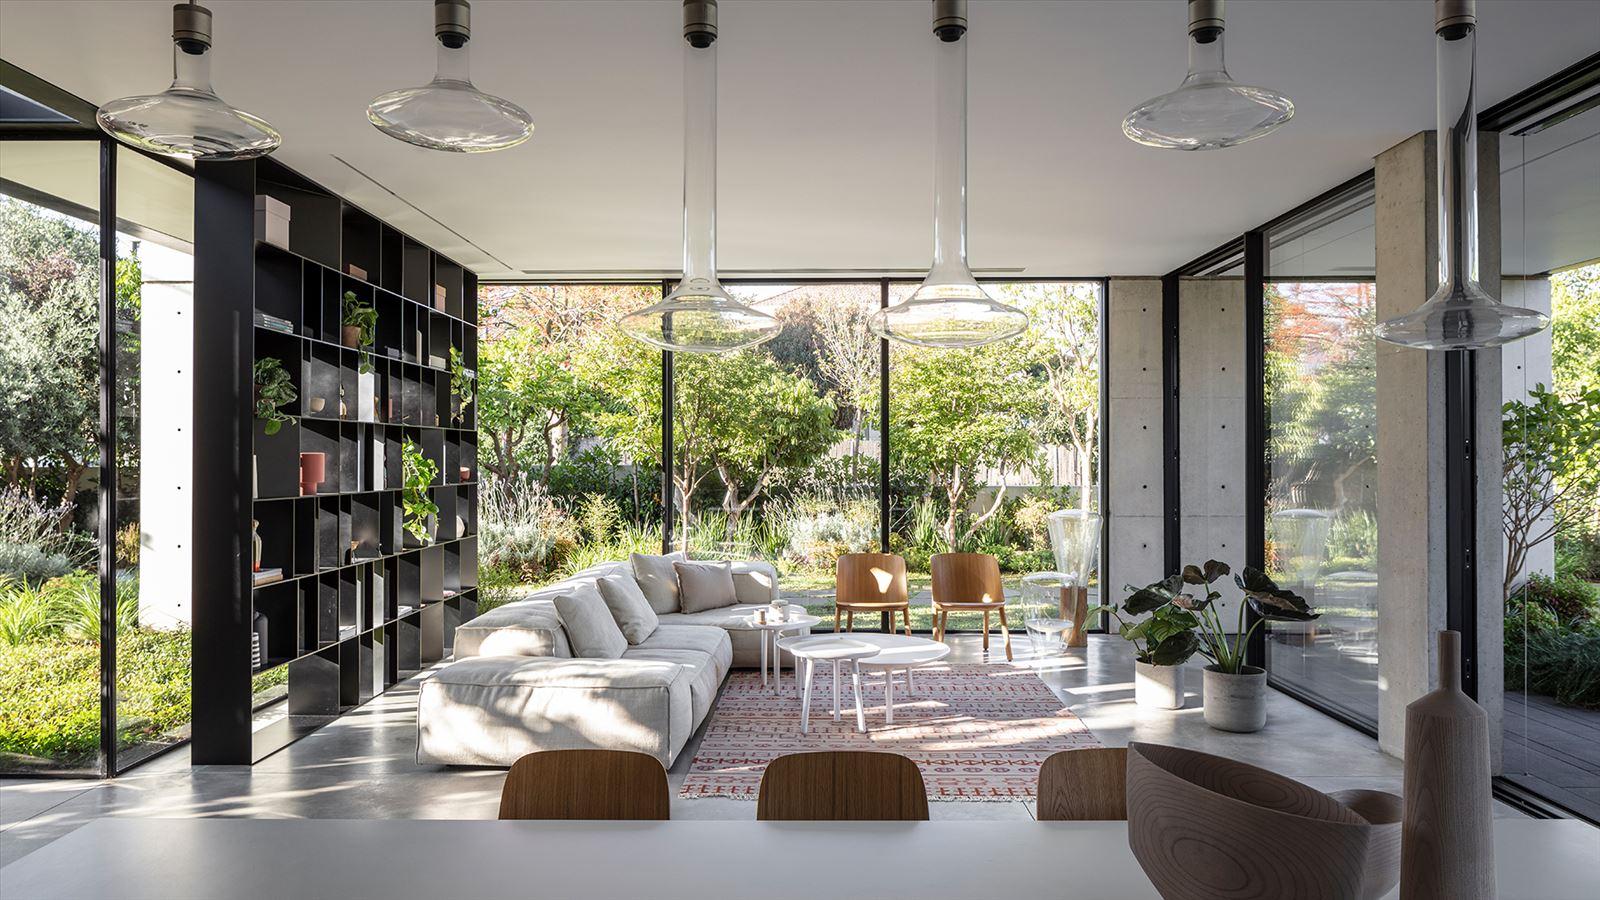 פרוייקט בית פרטי במרכז הארץ - גופי תאורה מבית דורי קמחי